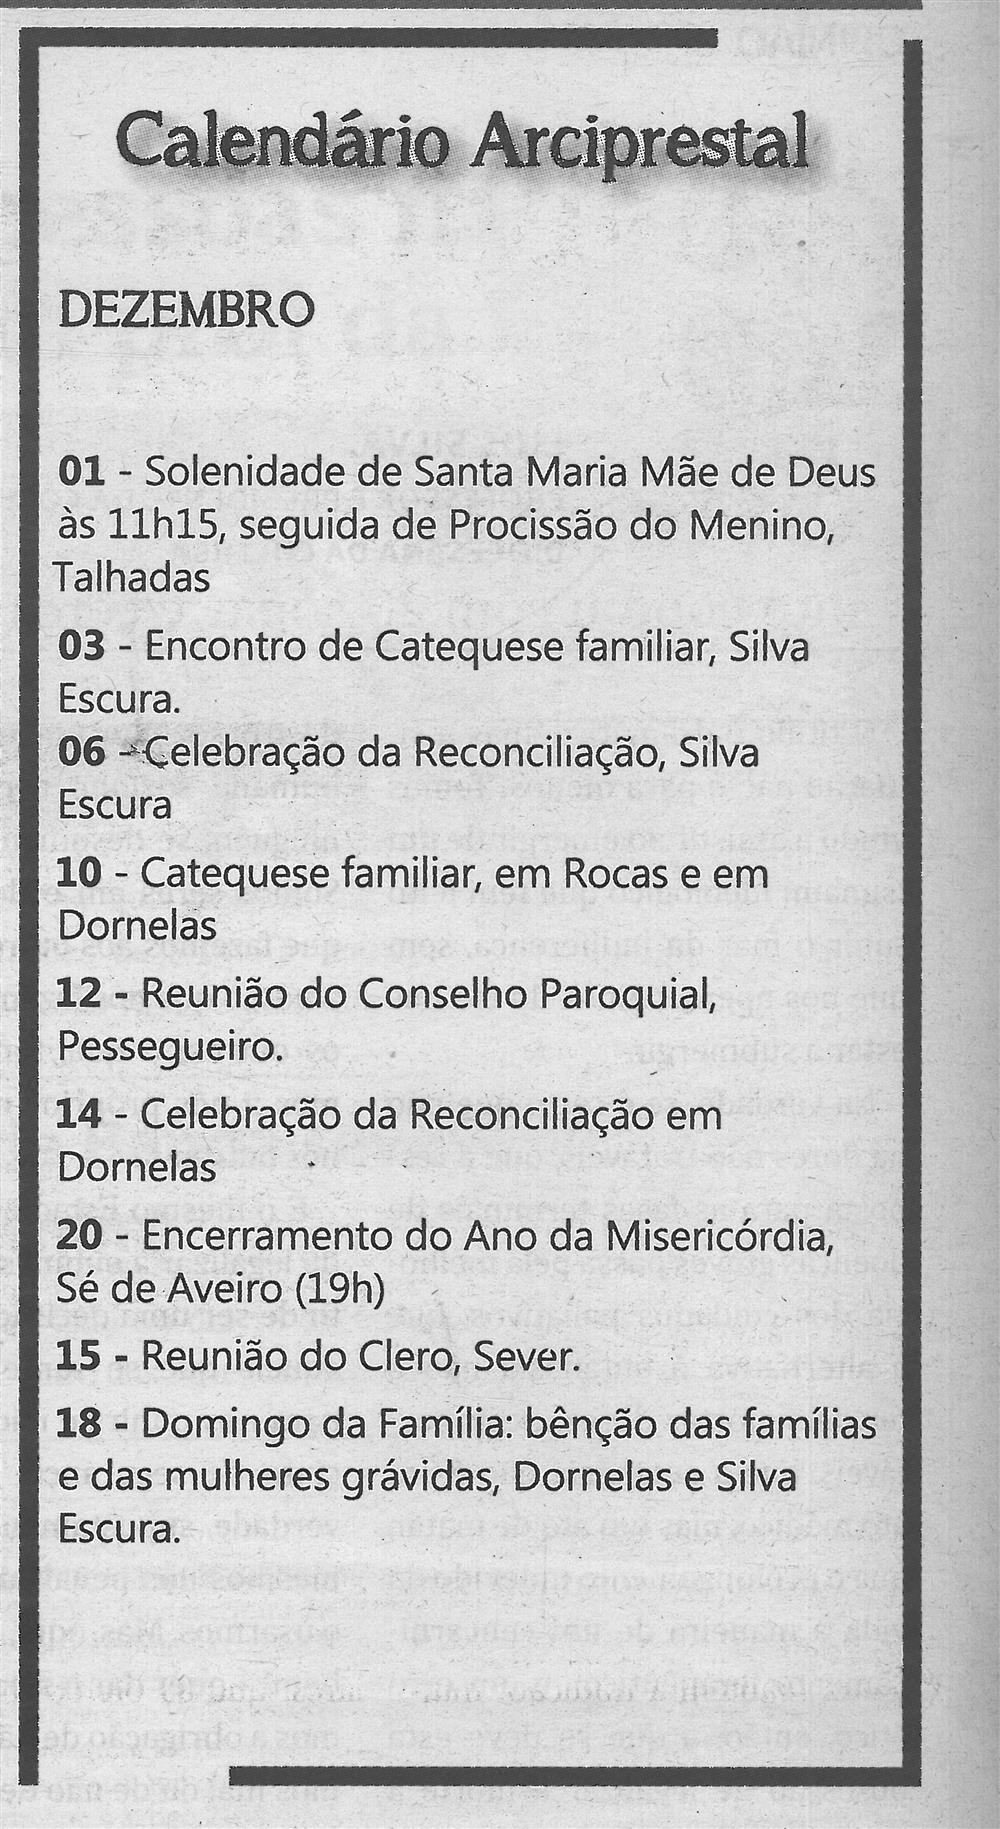 TV-dez.'16-p.12-Calendário arciprestal : dezembro.jpg